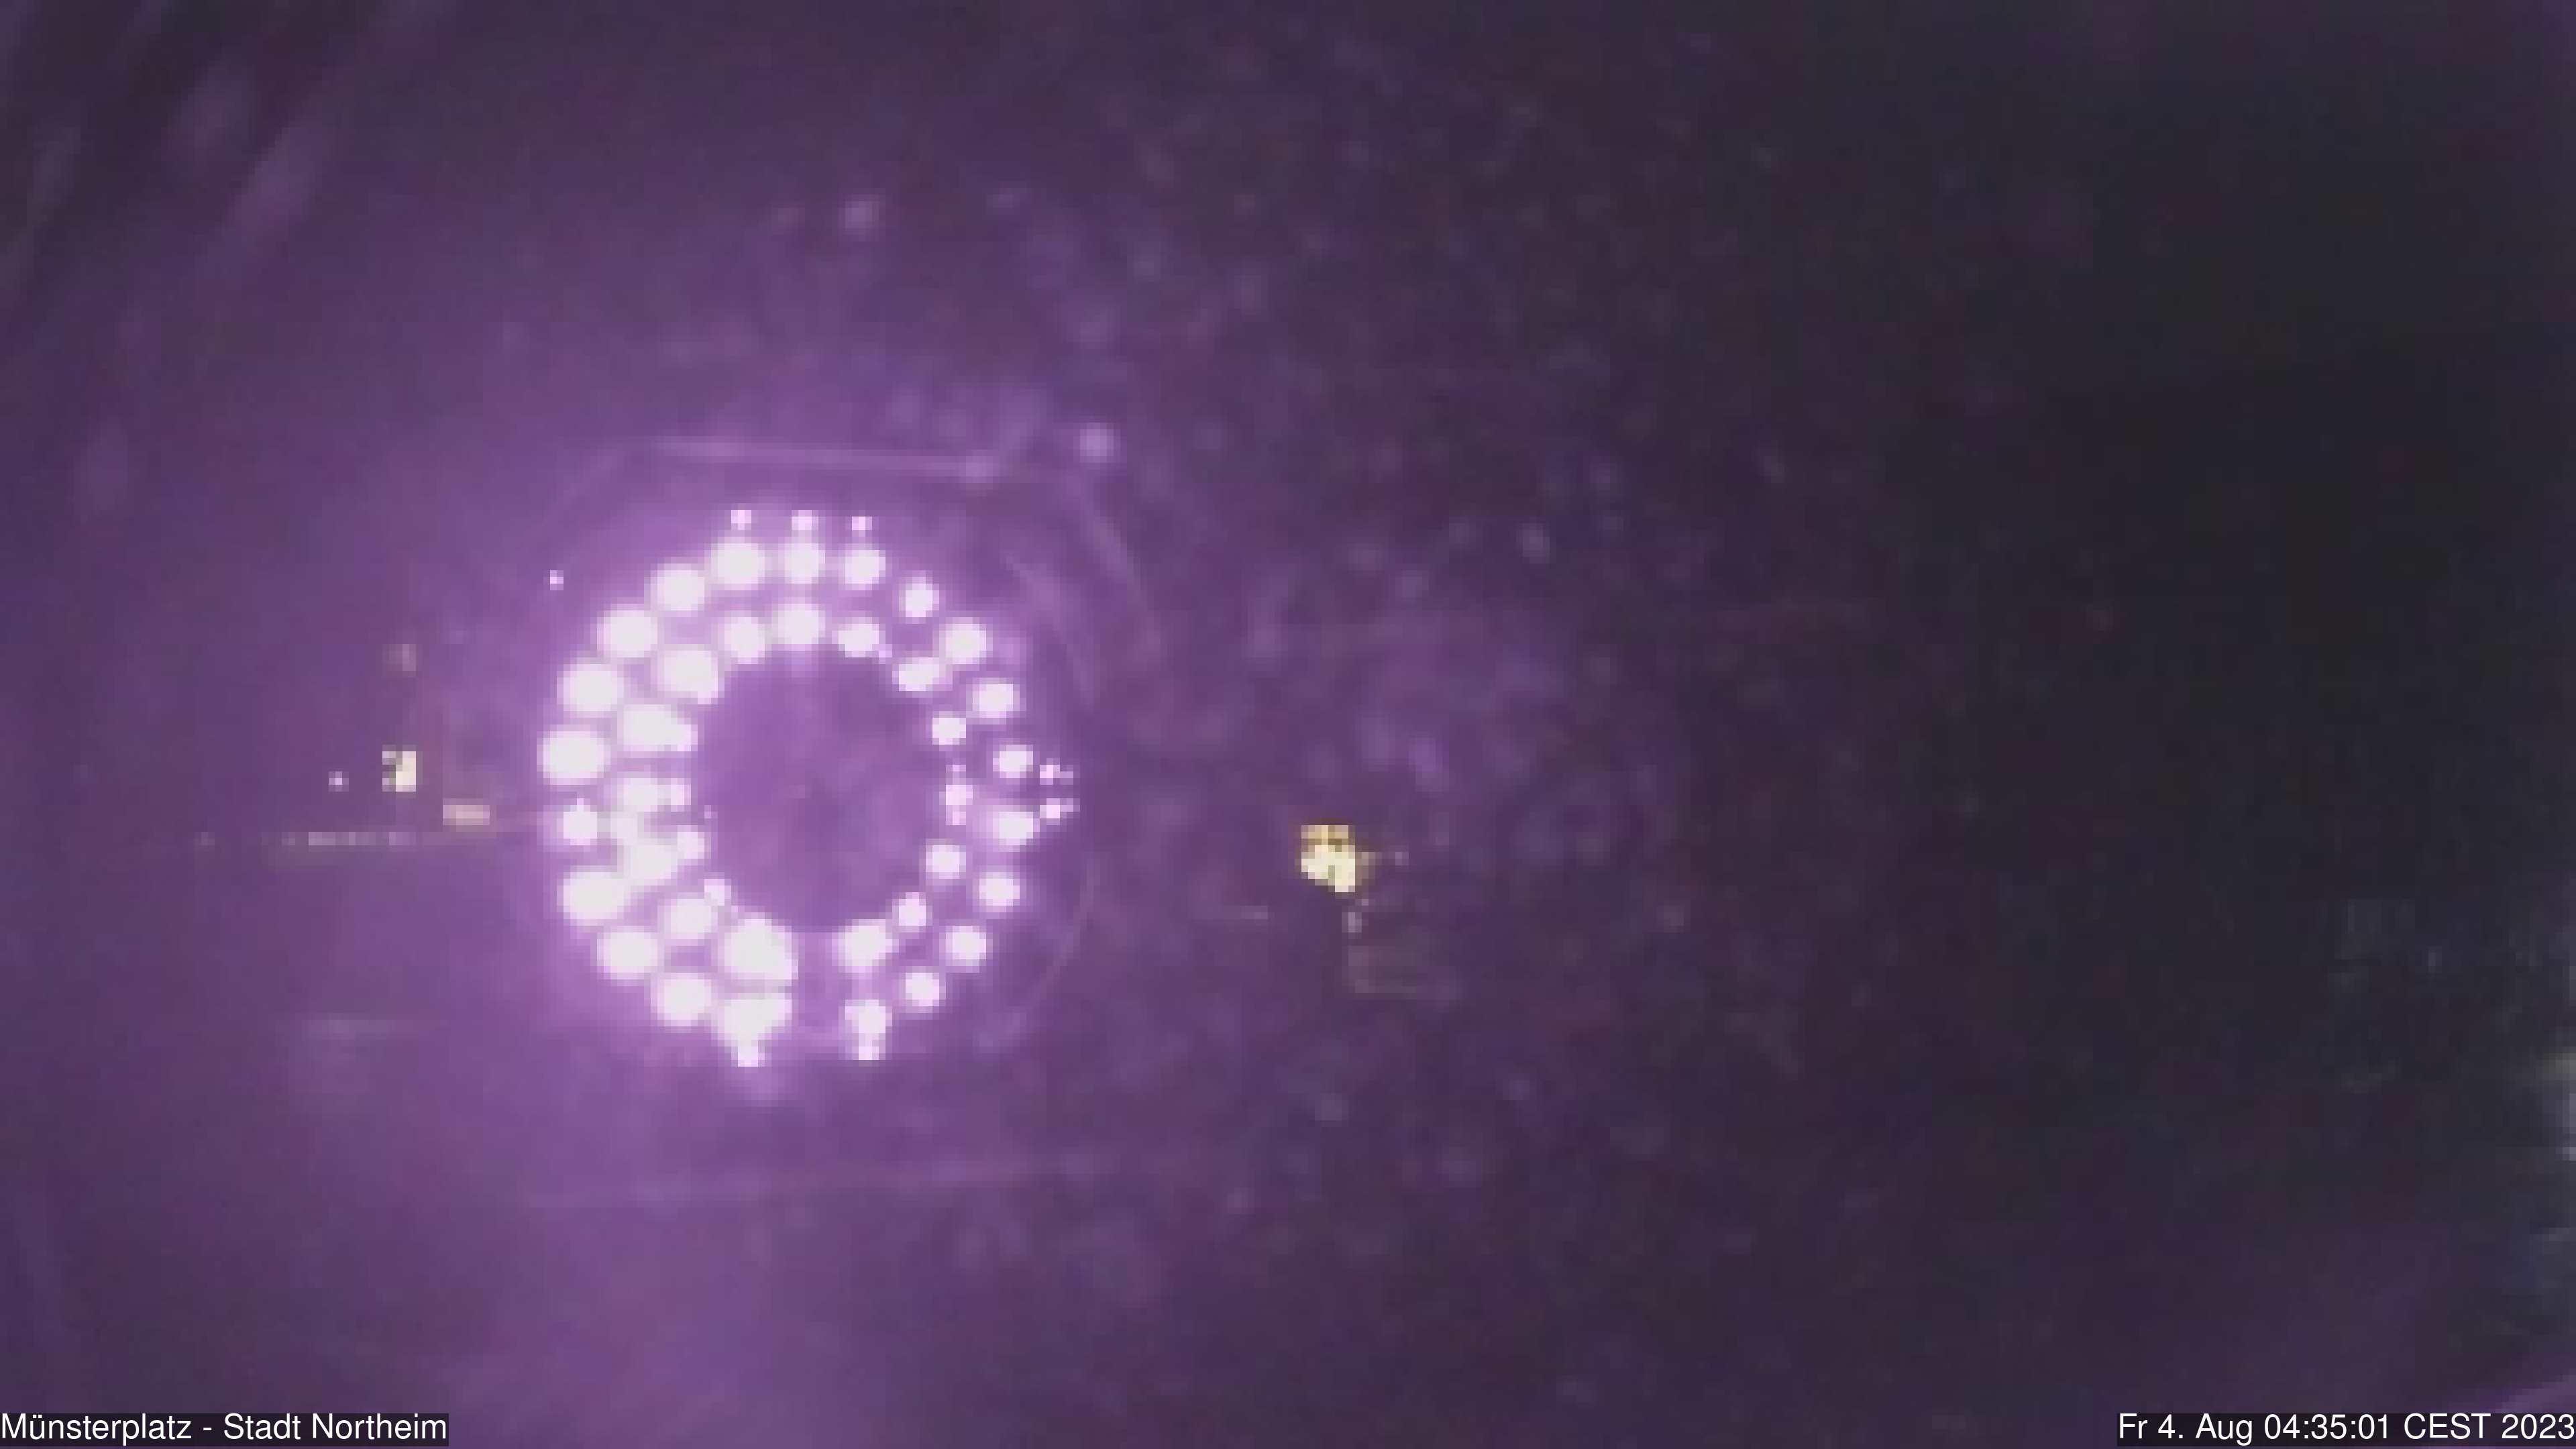 Die Webcam zeigt das Bild von dem Münsterplatz.